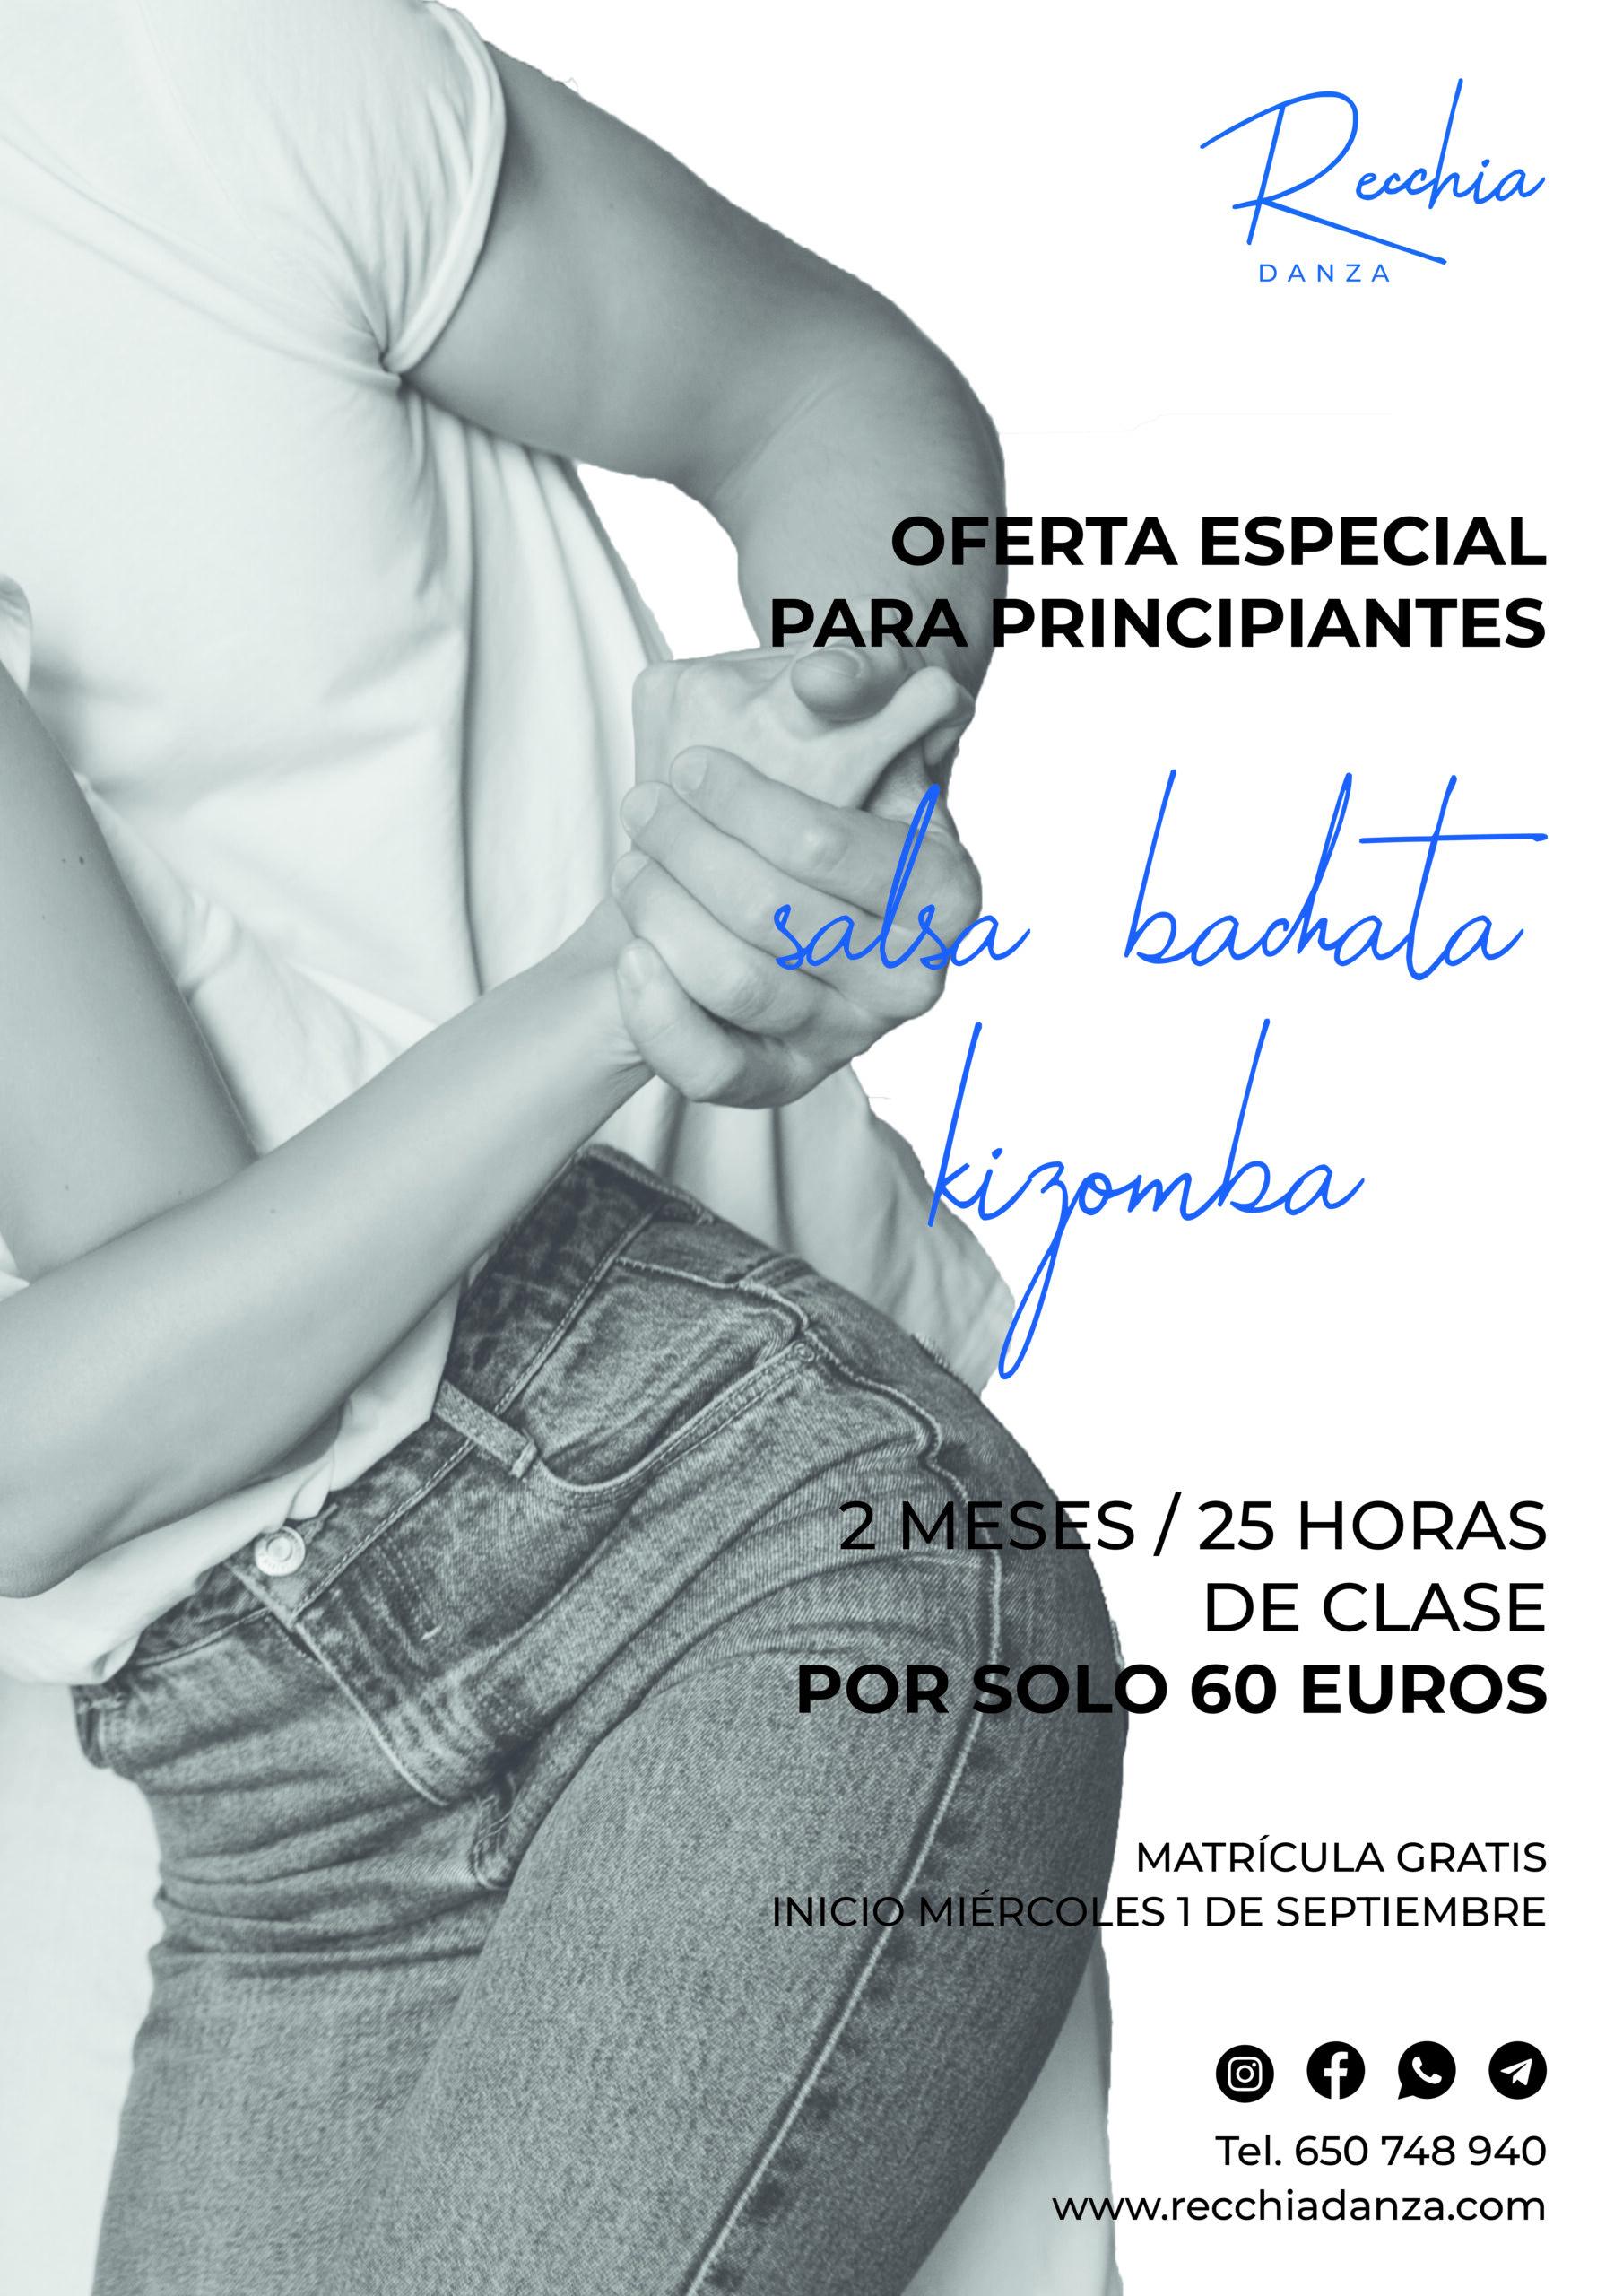 precio clases de baile salsa bachata kizomba tango